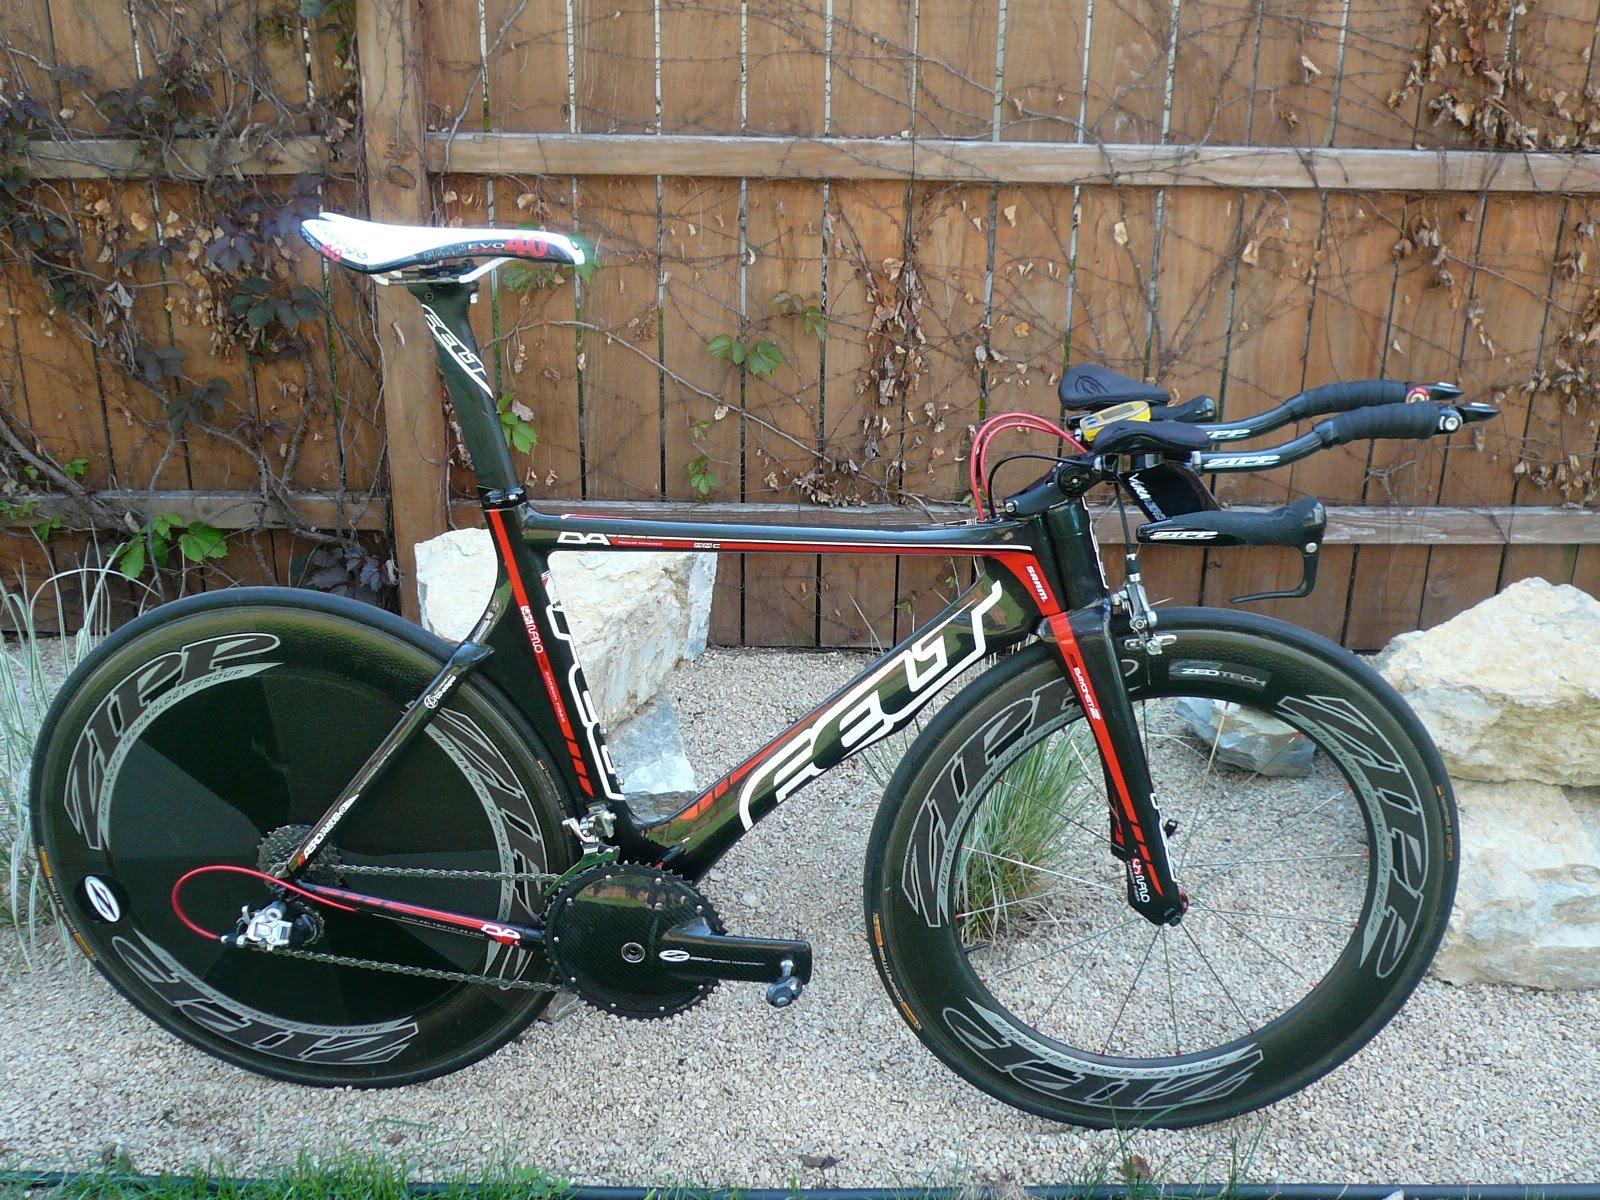 Thompson Tri: 2010 Felt DA Triathlon Bike